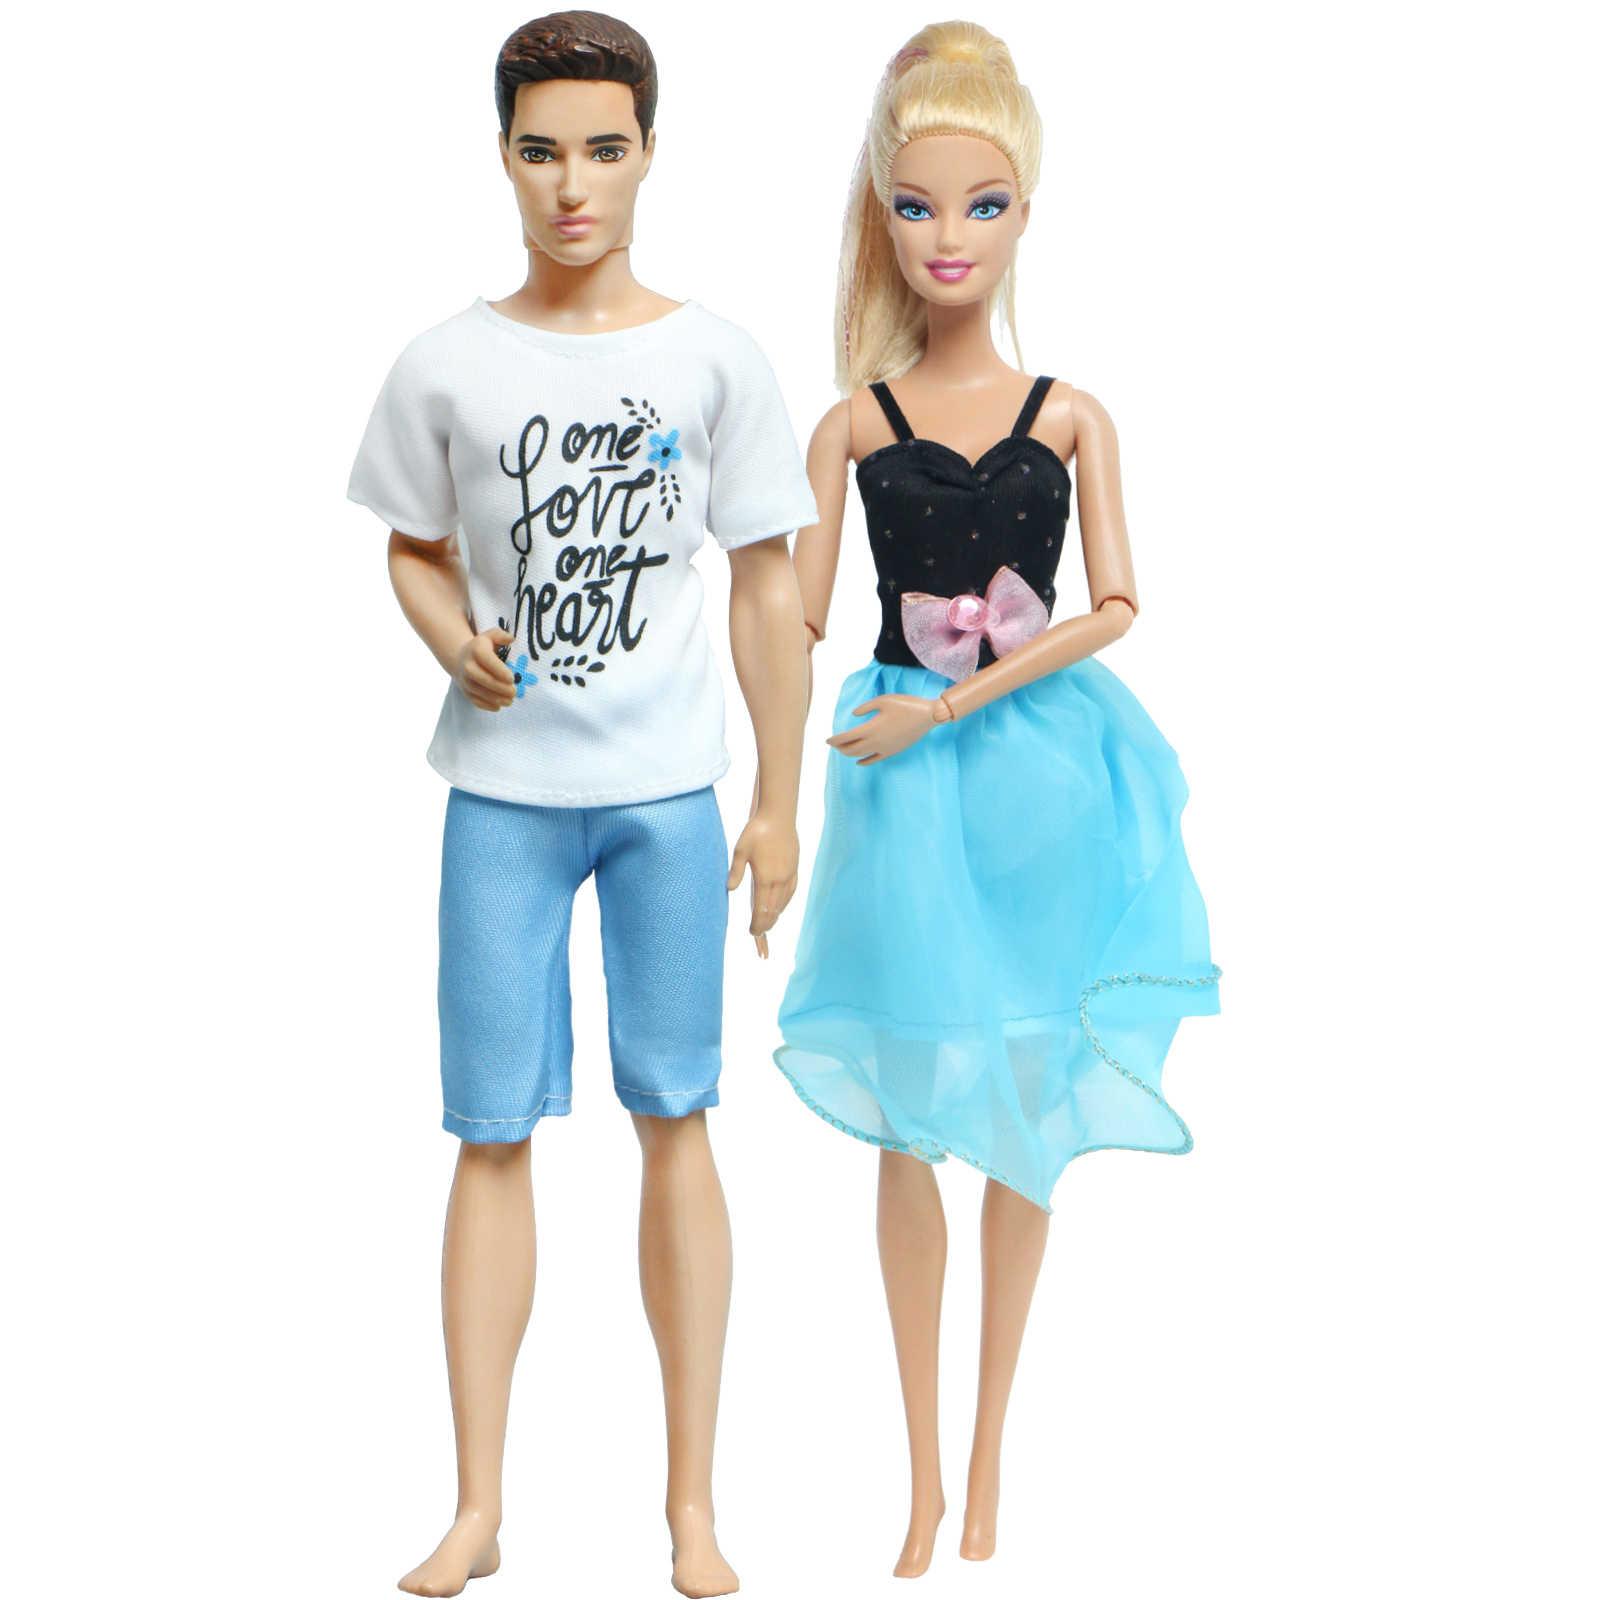 ชุด 2 Pcs/ชุดตุ๊กตาฤดูร้อนชุดมินิสั้นชุดกระโปรงสำหรับตุ๊กตาบาร์บี้ตุ๊กตา + ตุ๊กตาKenเสื้อยืดกางเกงเสื้อผ้าอุปกรณ์เสริม